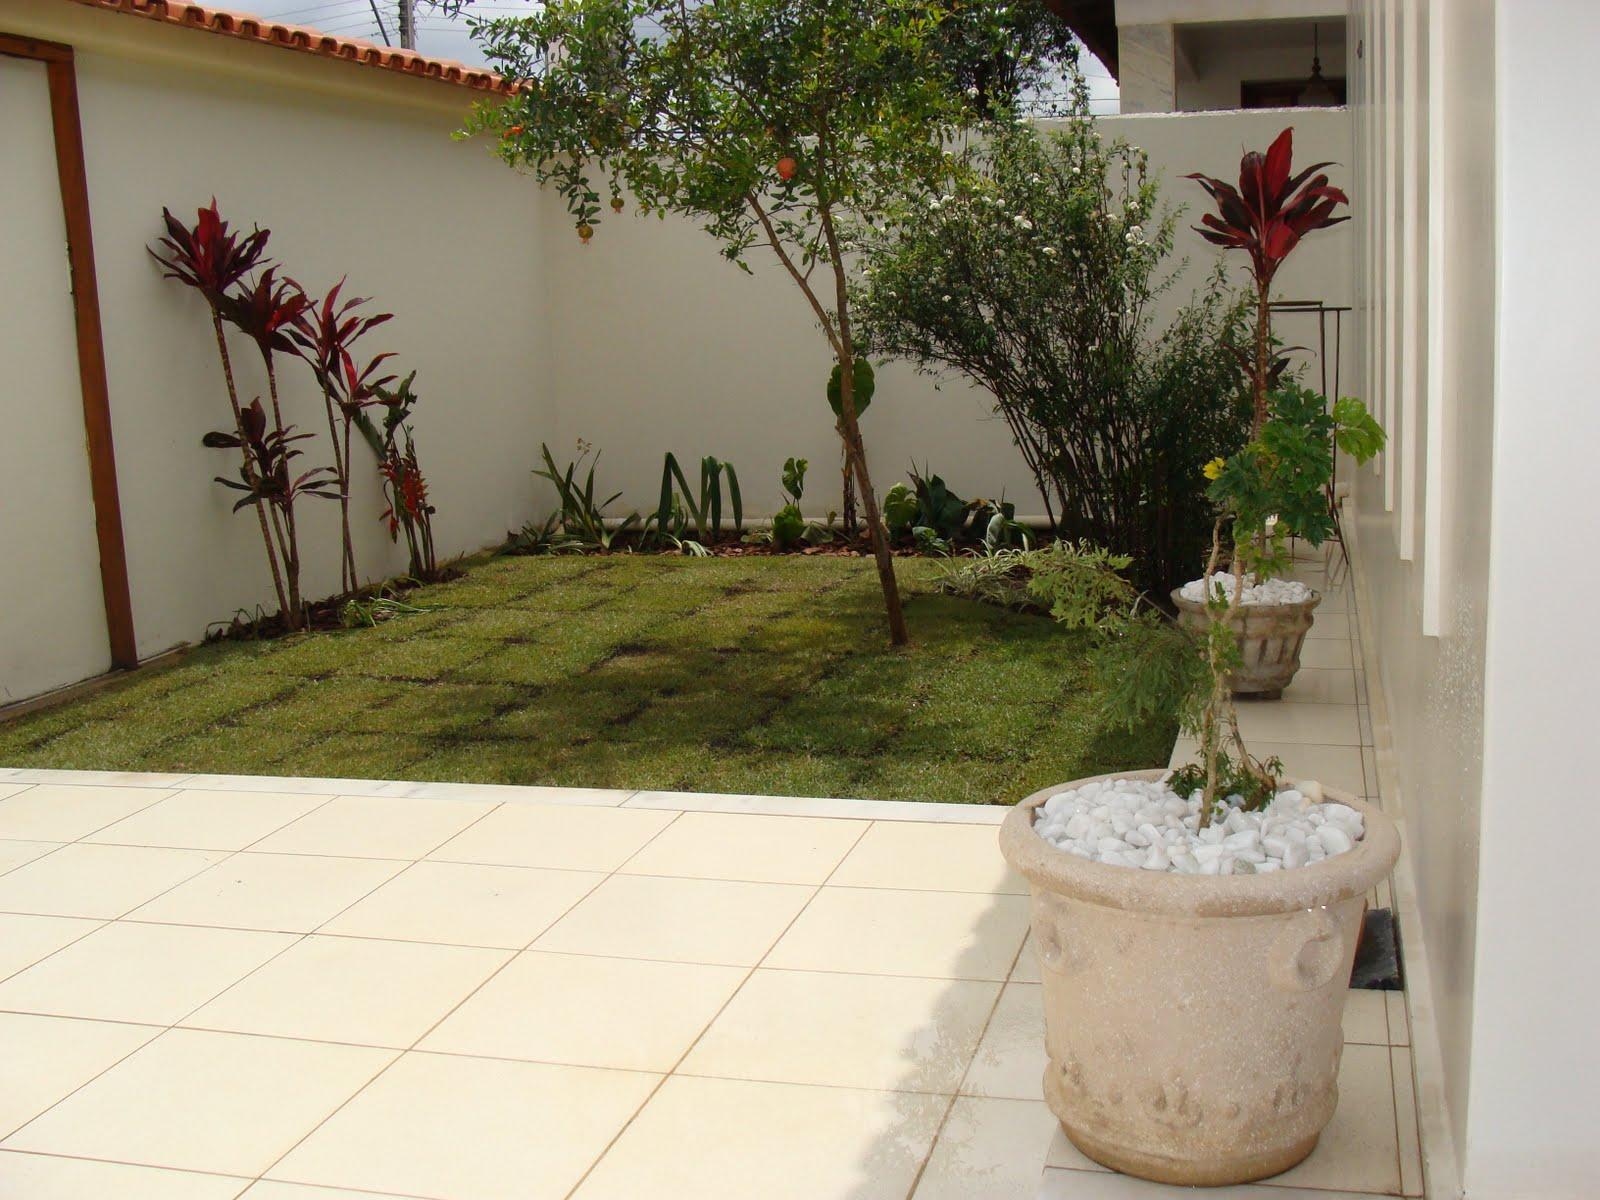 Jardim Natureza: Pequeno Espaço #505A24 1600 1200